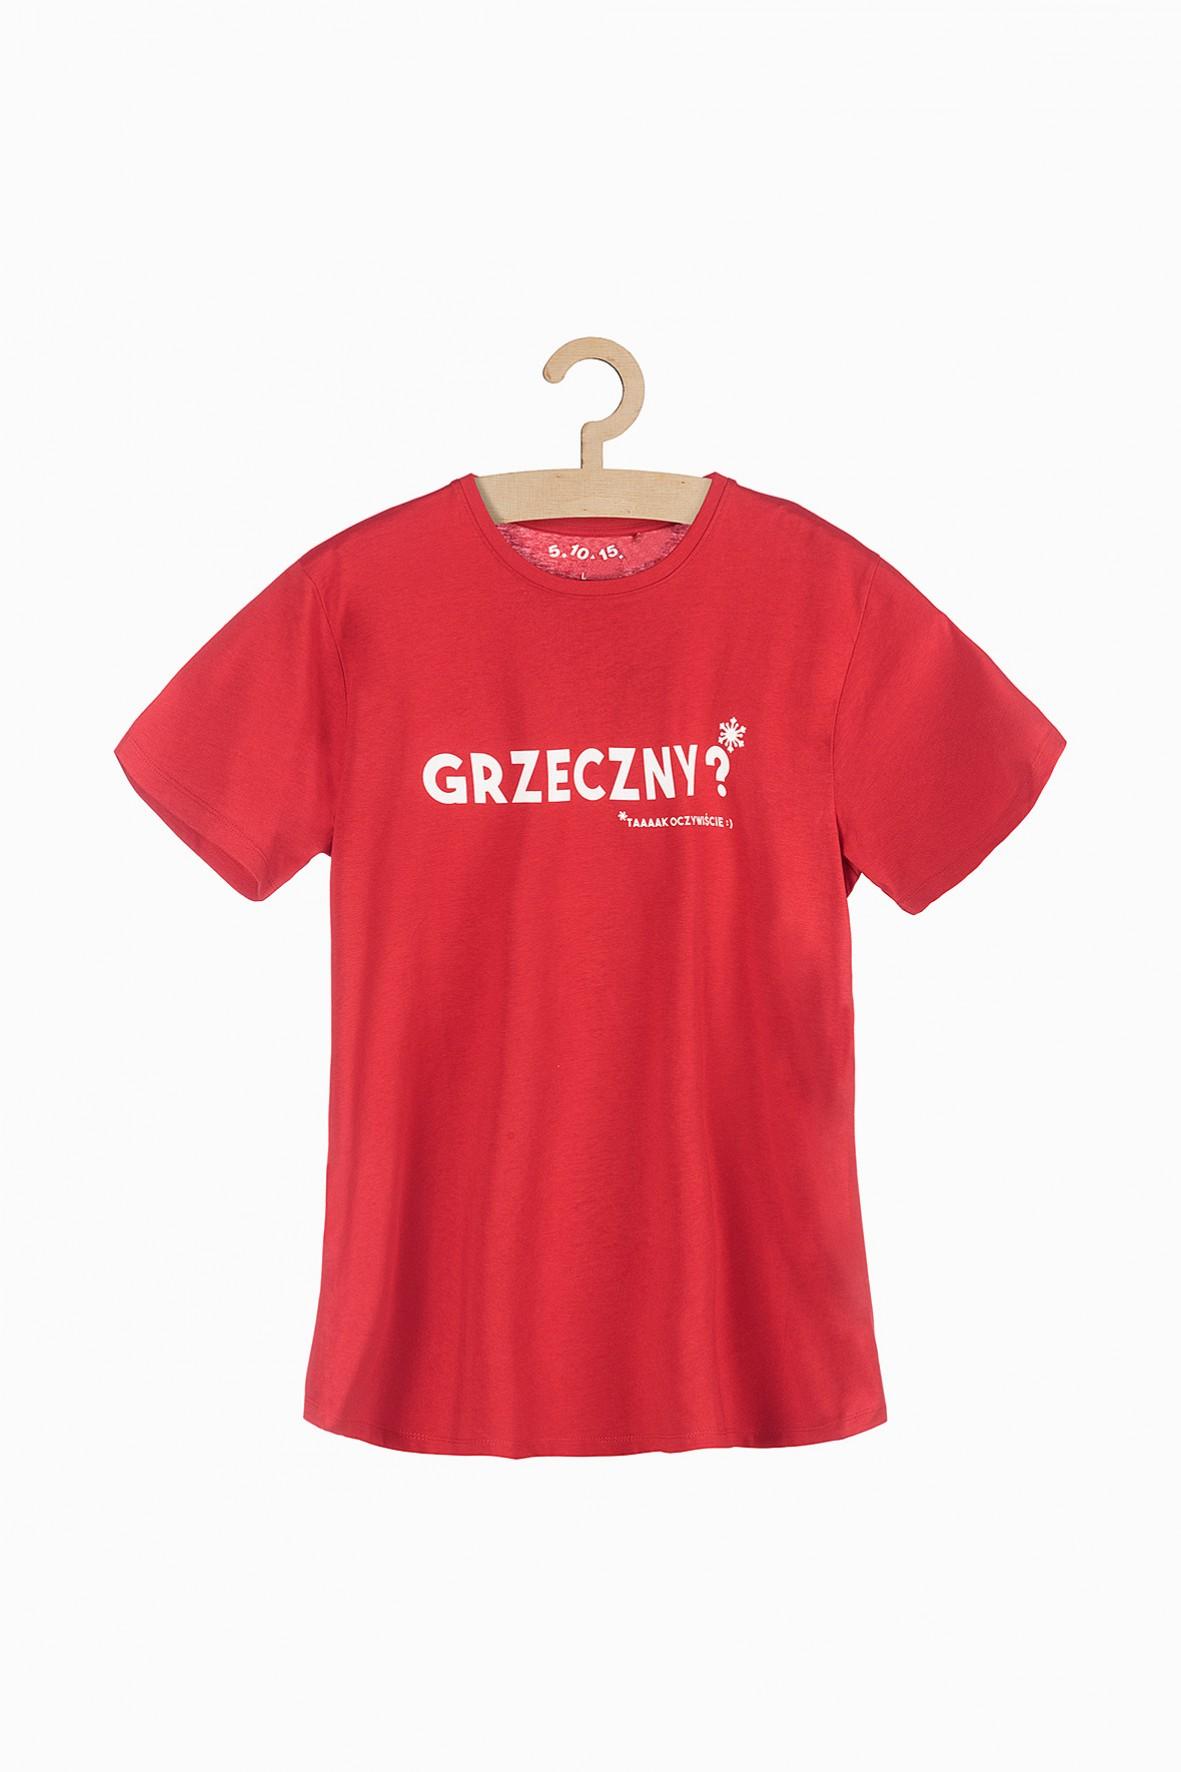 T-shirt męski z polskimi napisami-czarwony